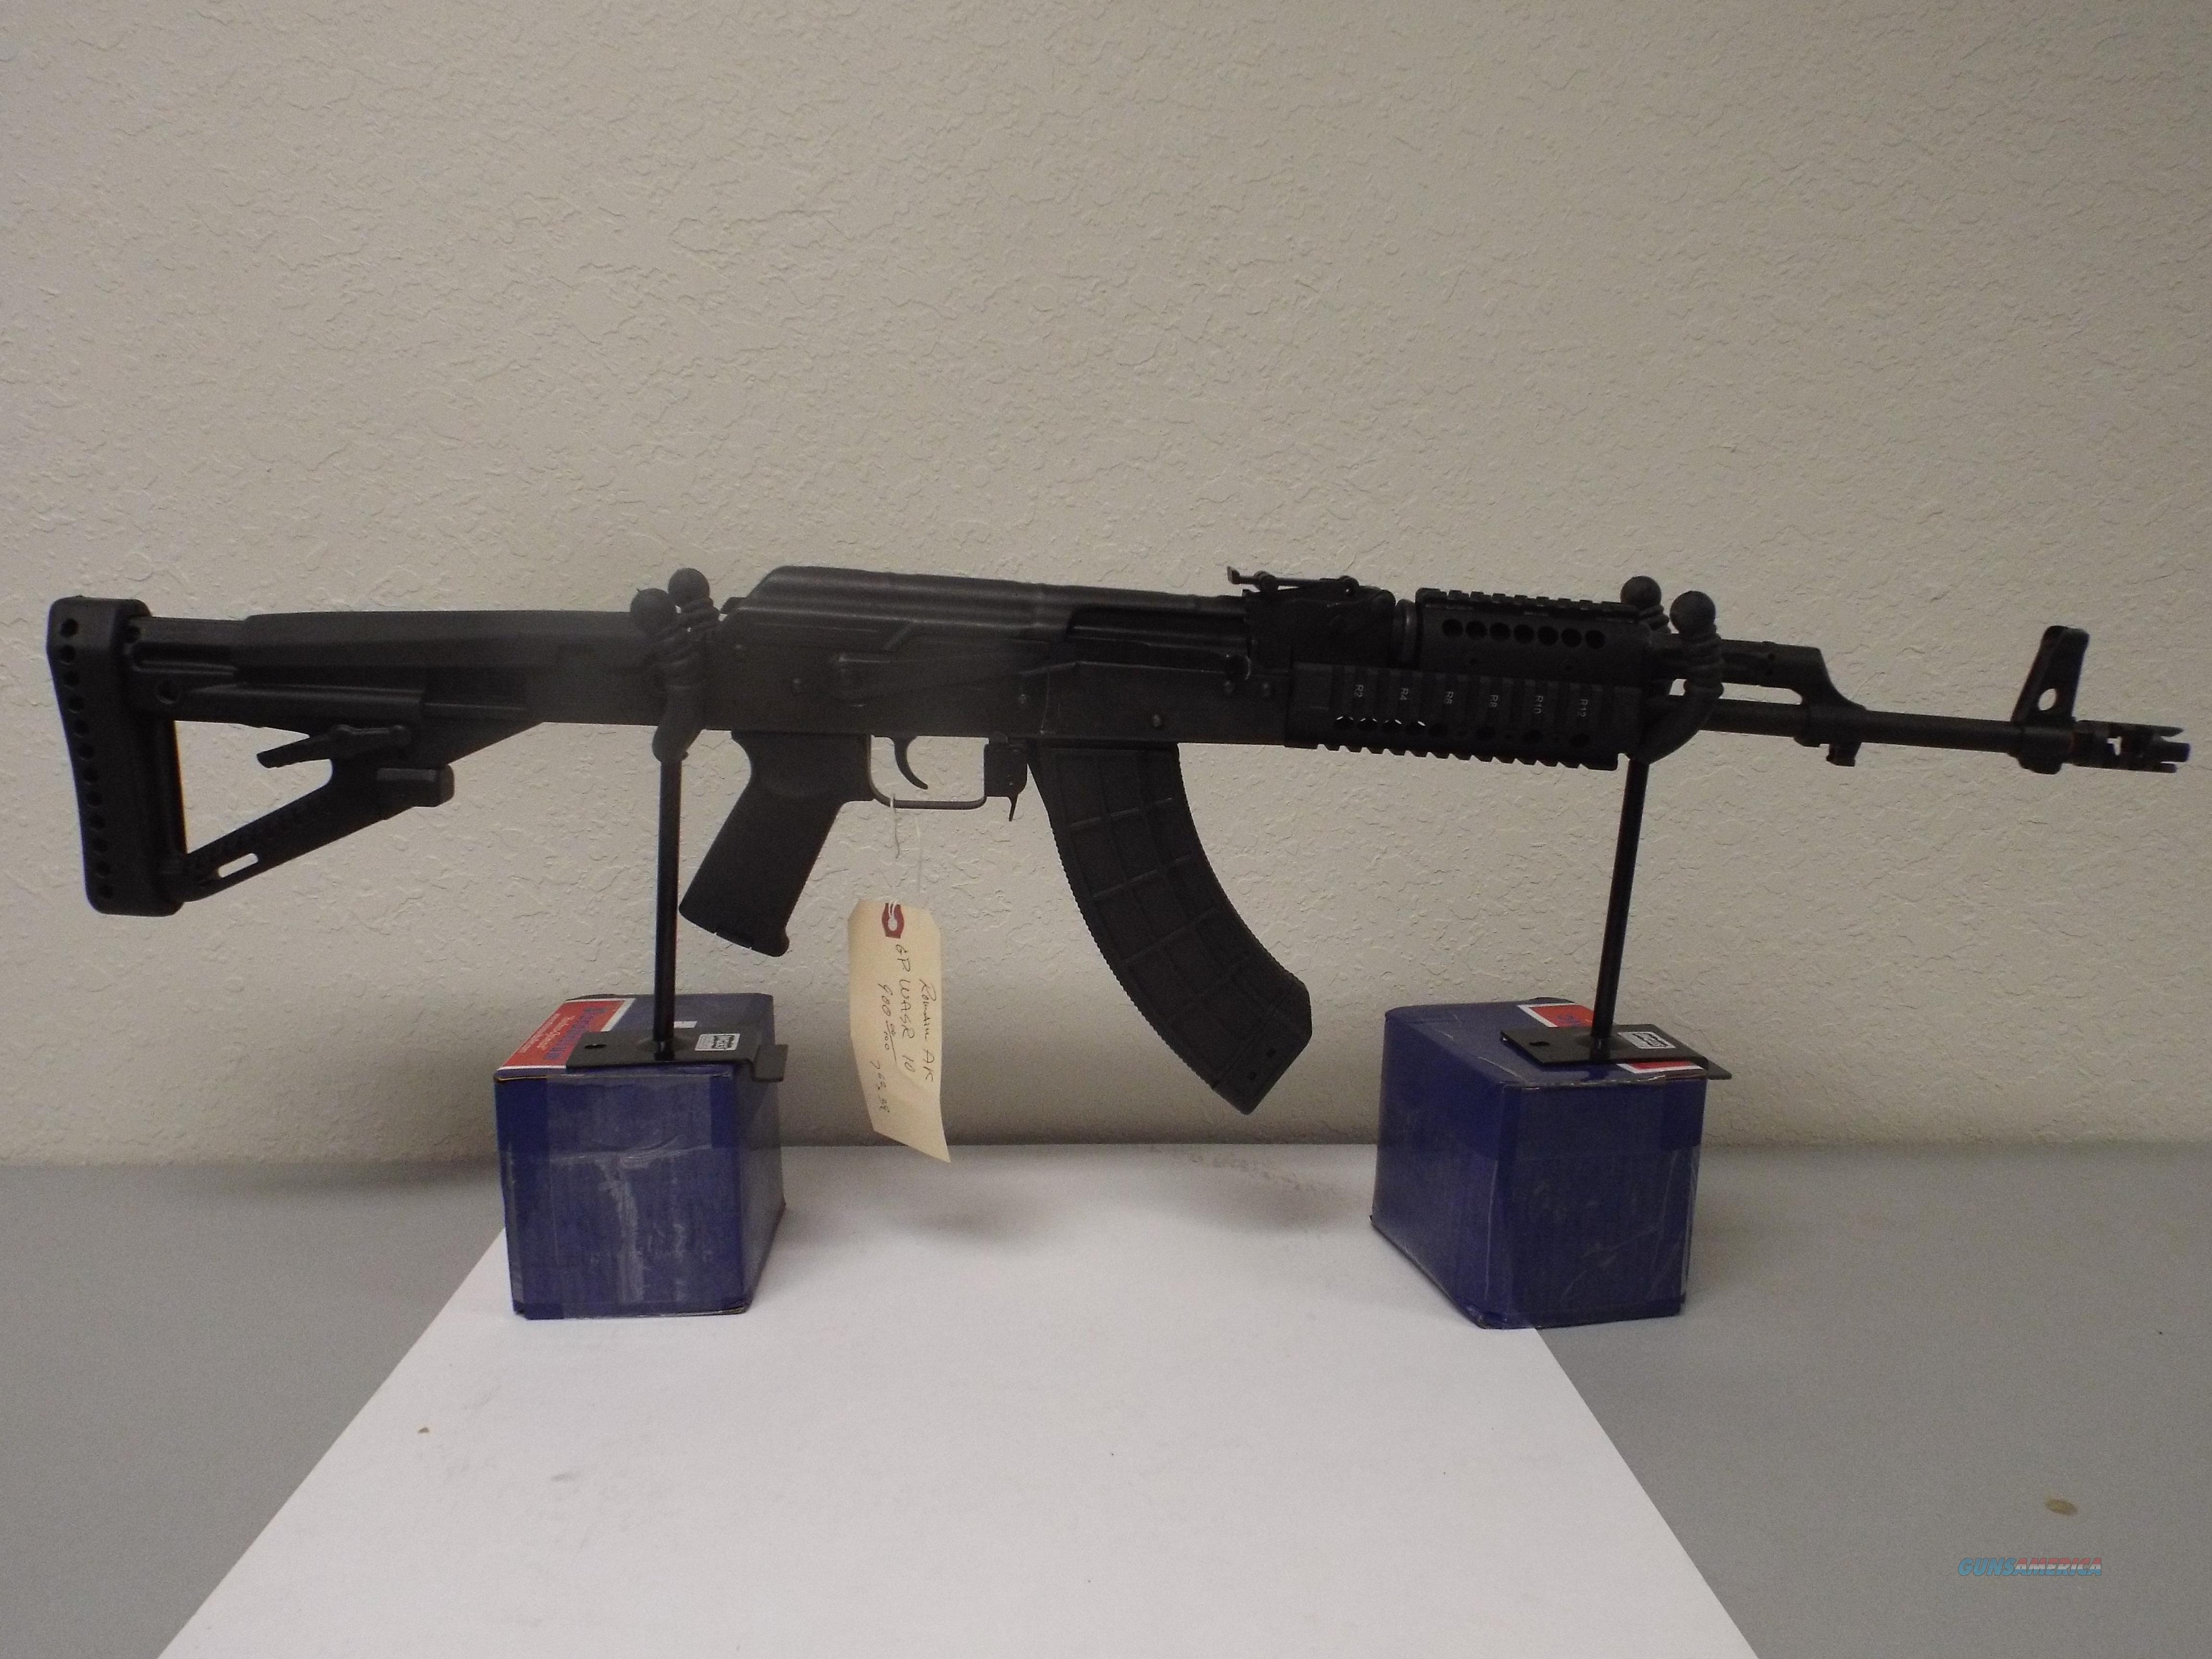 ROMANIAN AK-47 TACTICAL